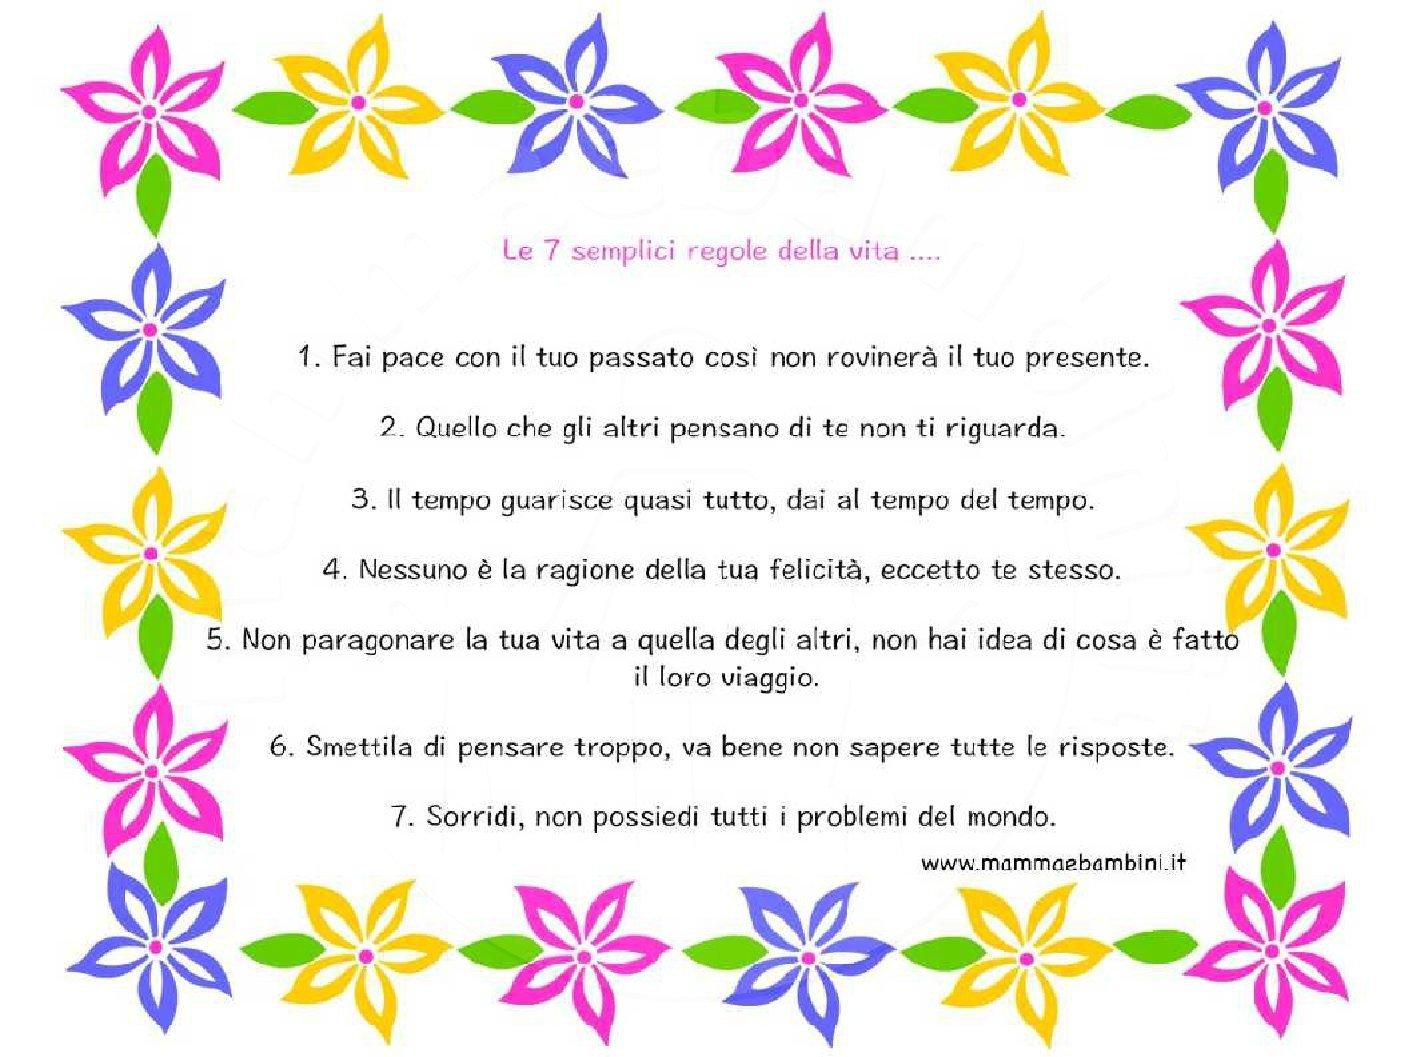 Le 7 semplici regole della vita in cornice